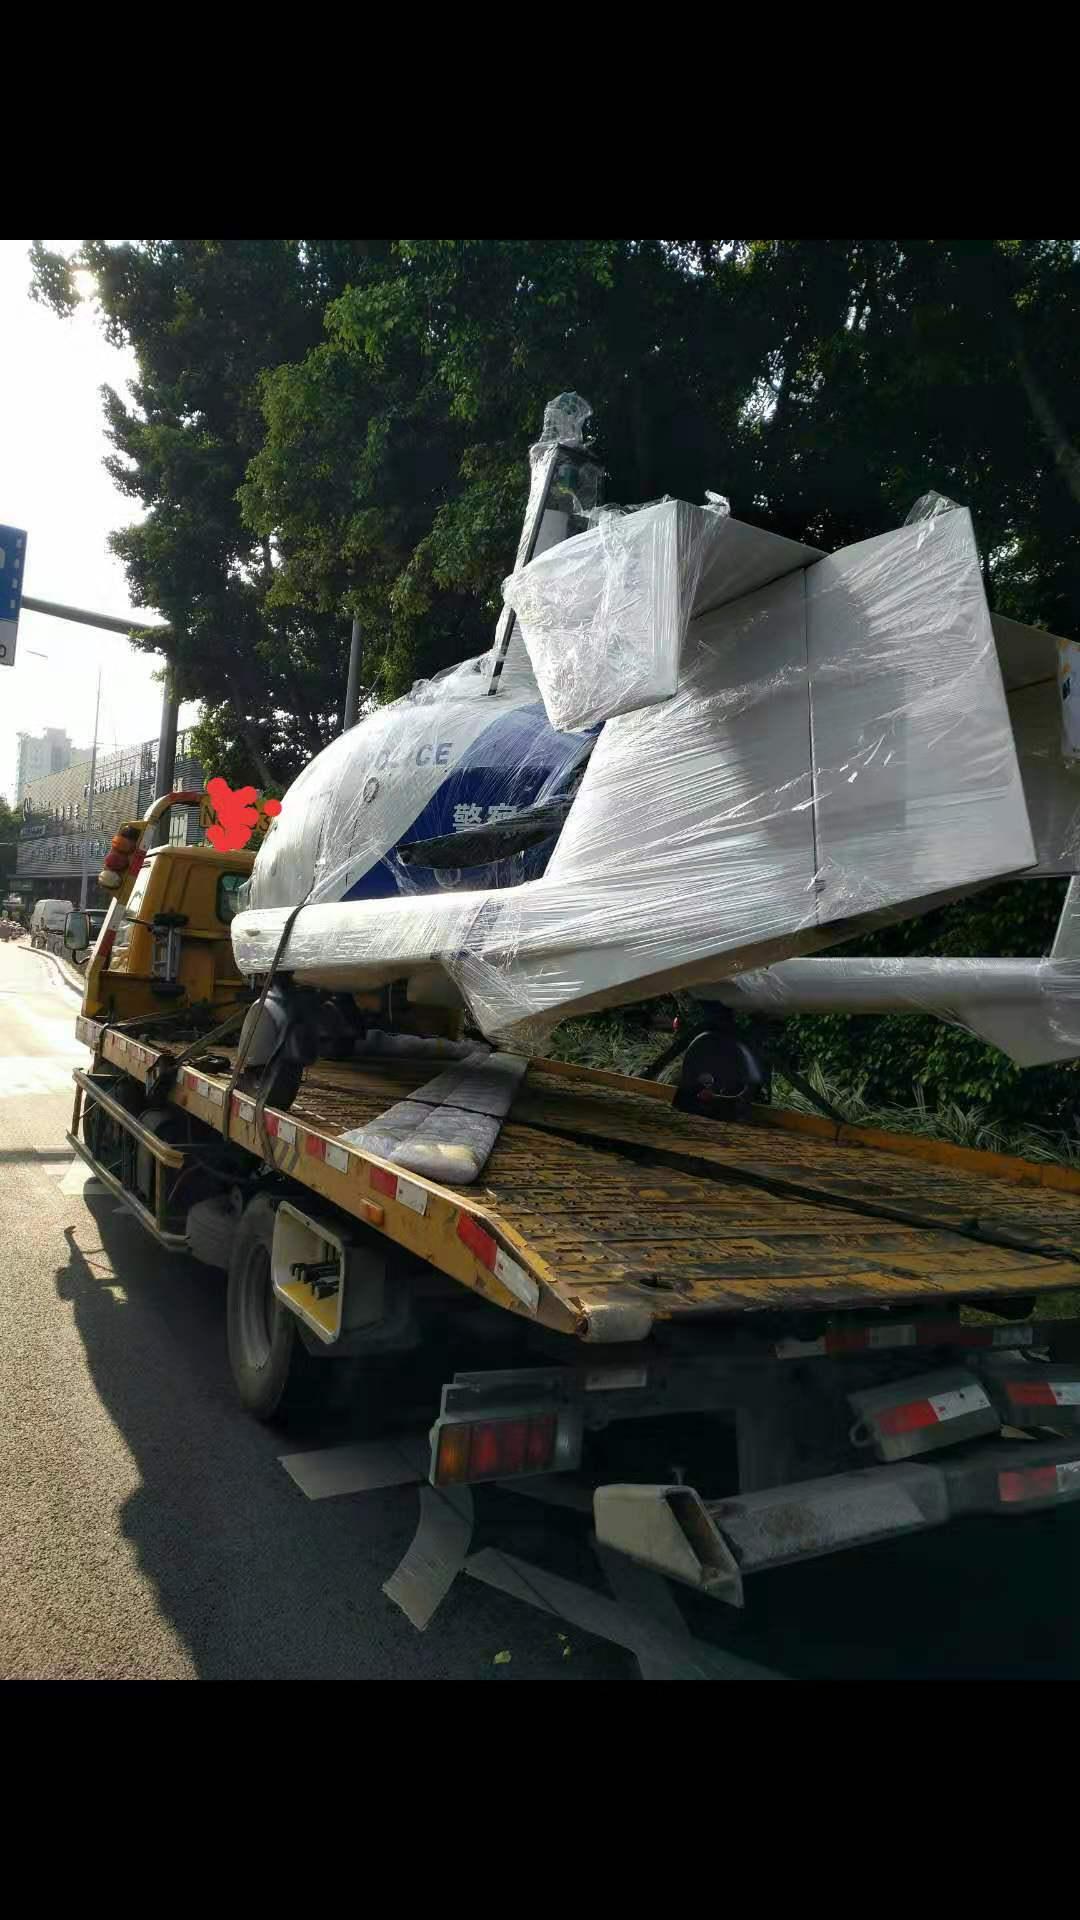 苏州现场车辆紧急援救